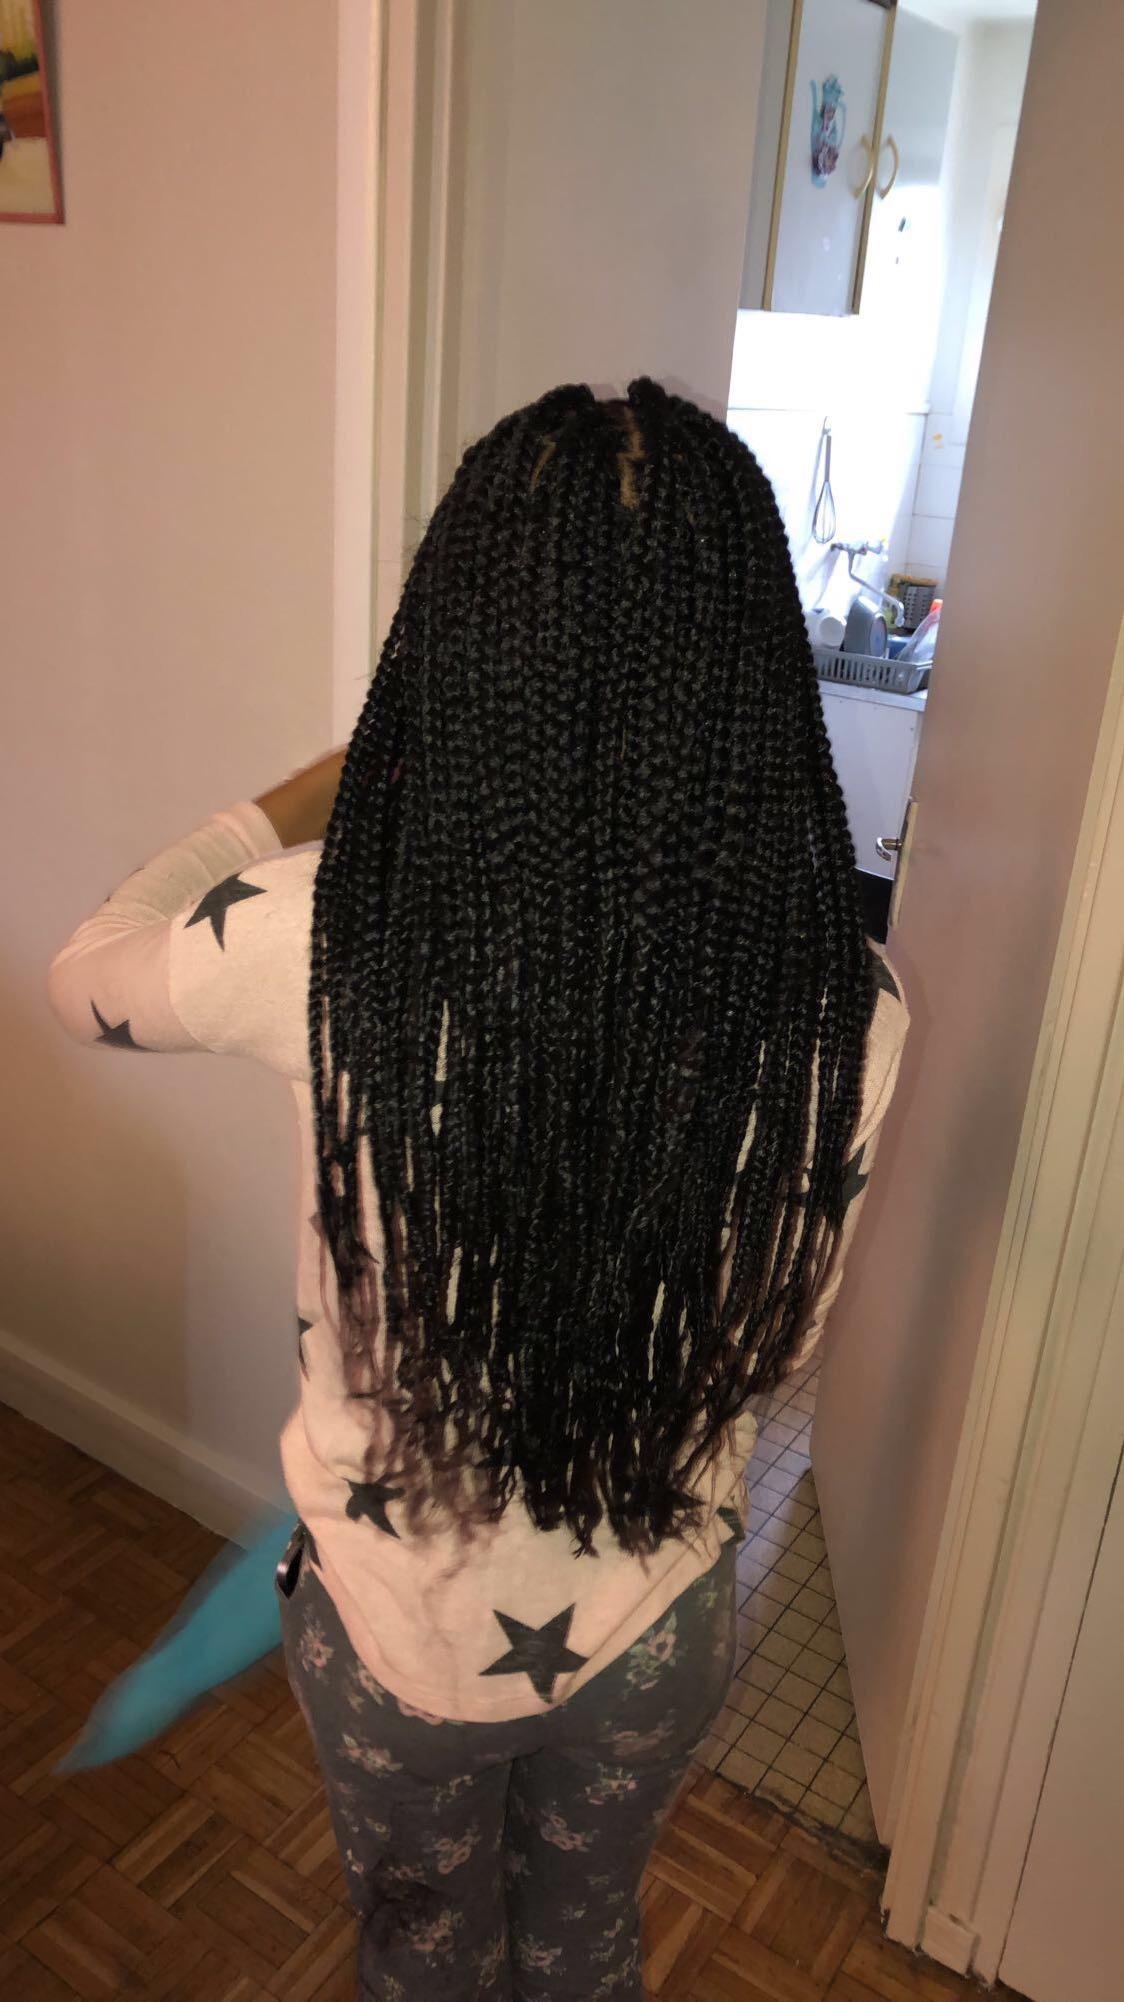 salon de coiffure afro tresse tresses box braids crochet braids vanilles tissages paris 75 77 78 91 92 93 94 95 TFYMZYQA